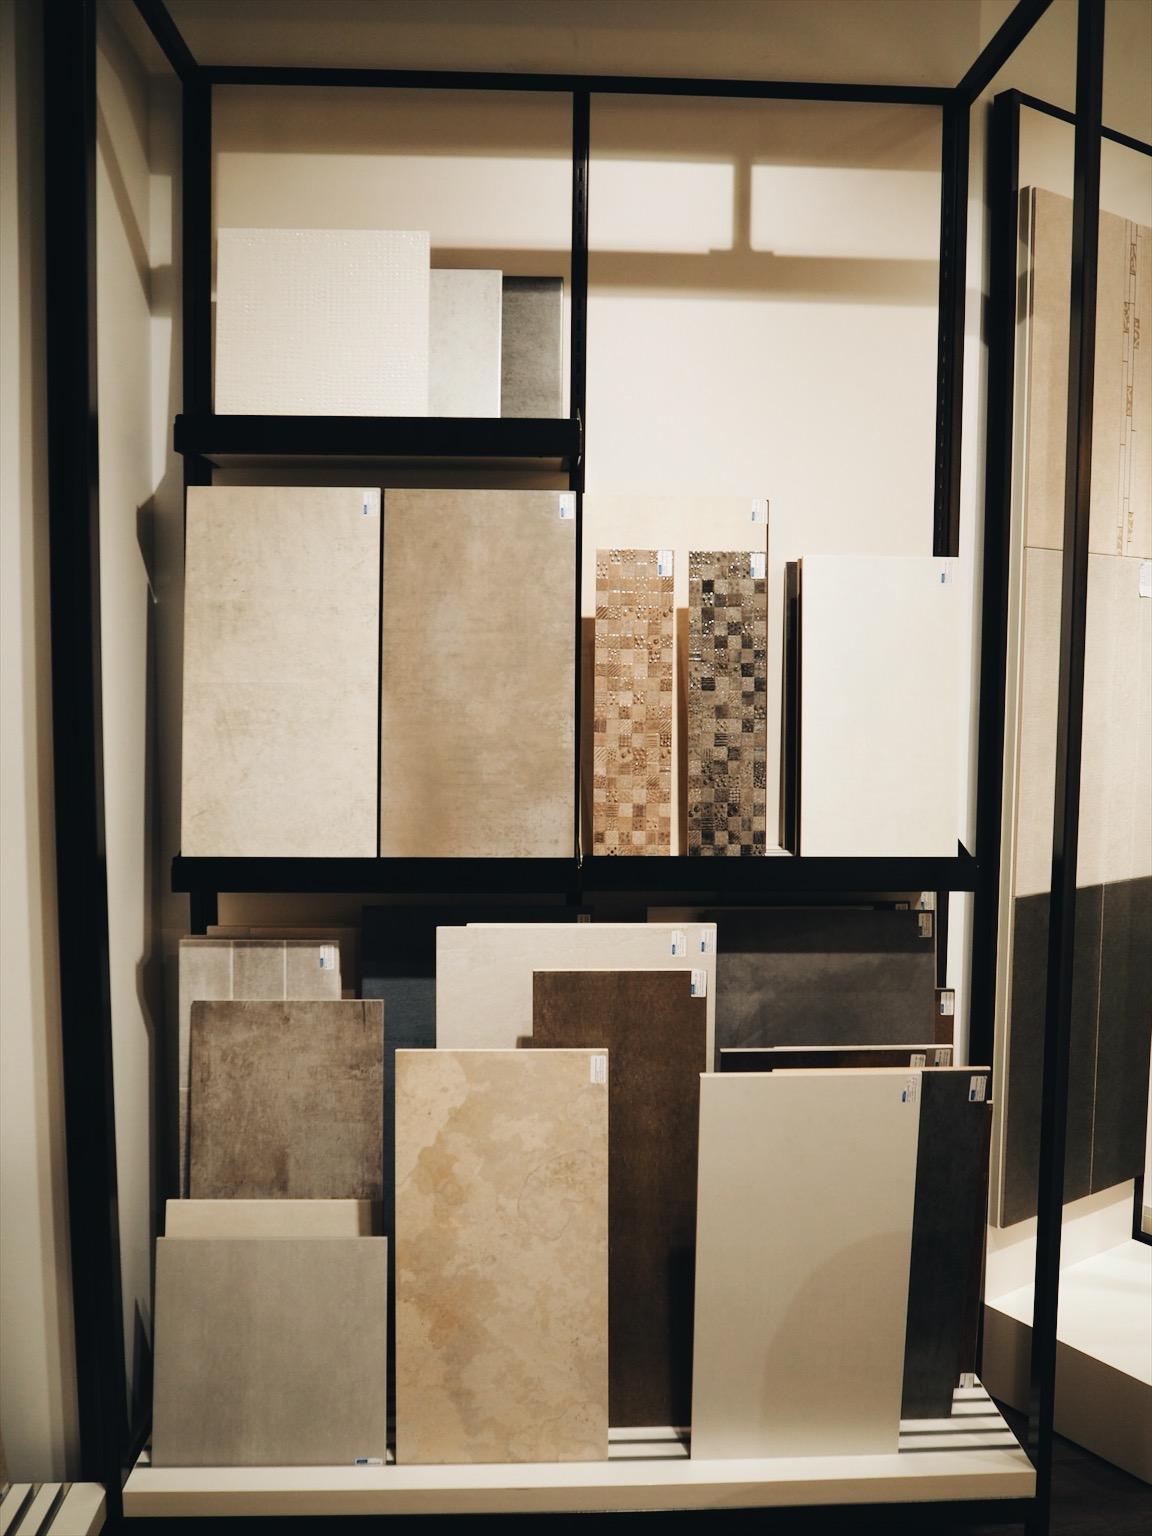 Envie de salle de bain un lieu inspirant au coeur de paris frenchyfancy - Showroom salle de bain paris ...